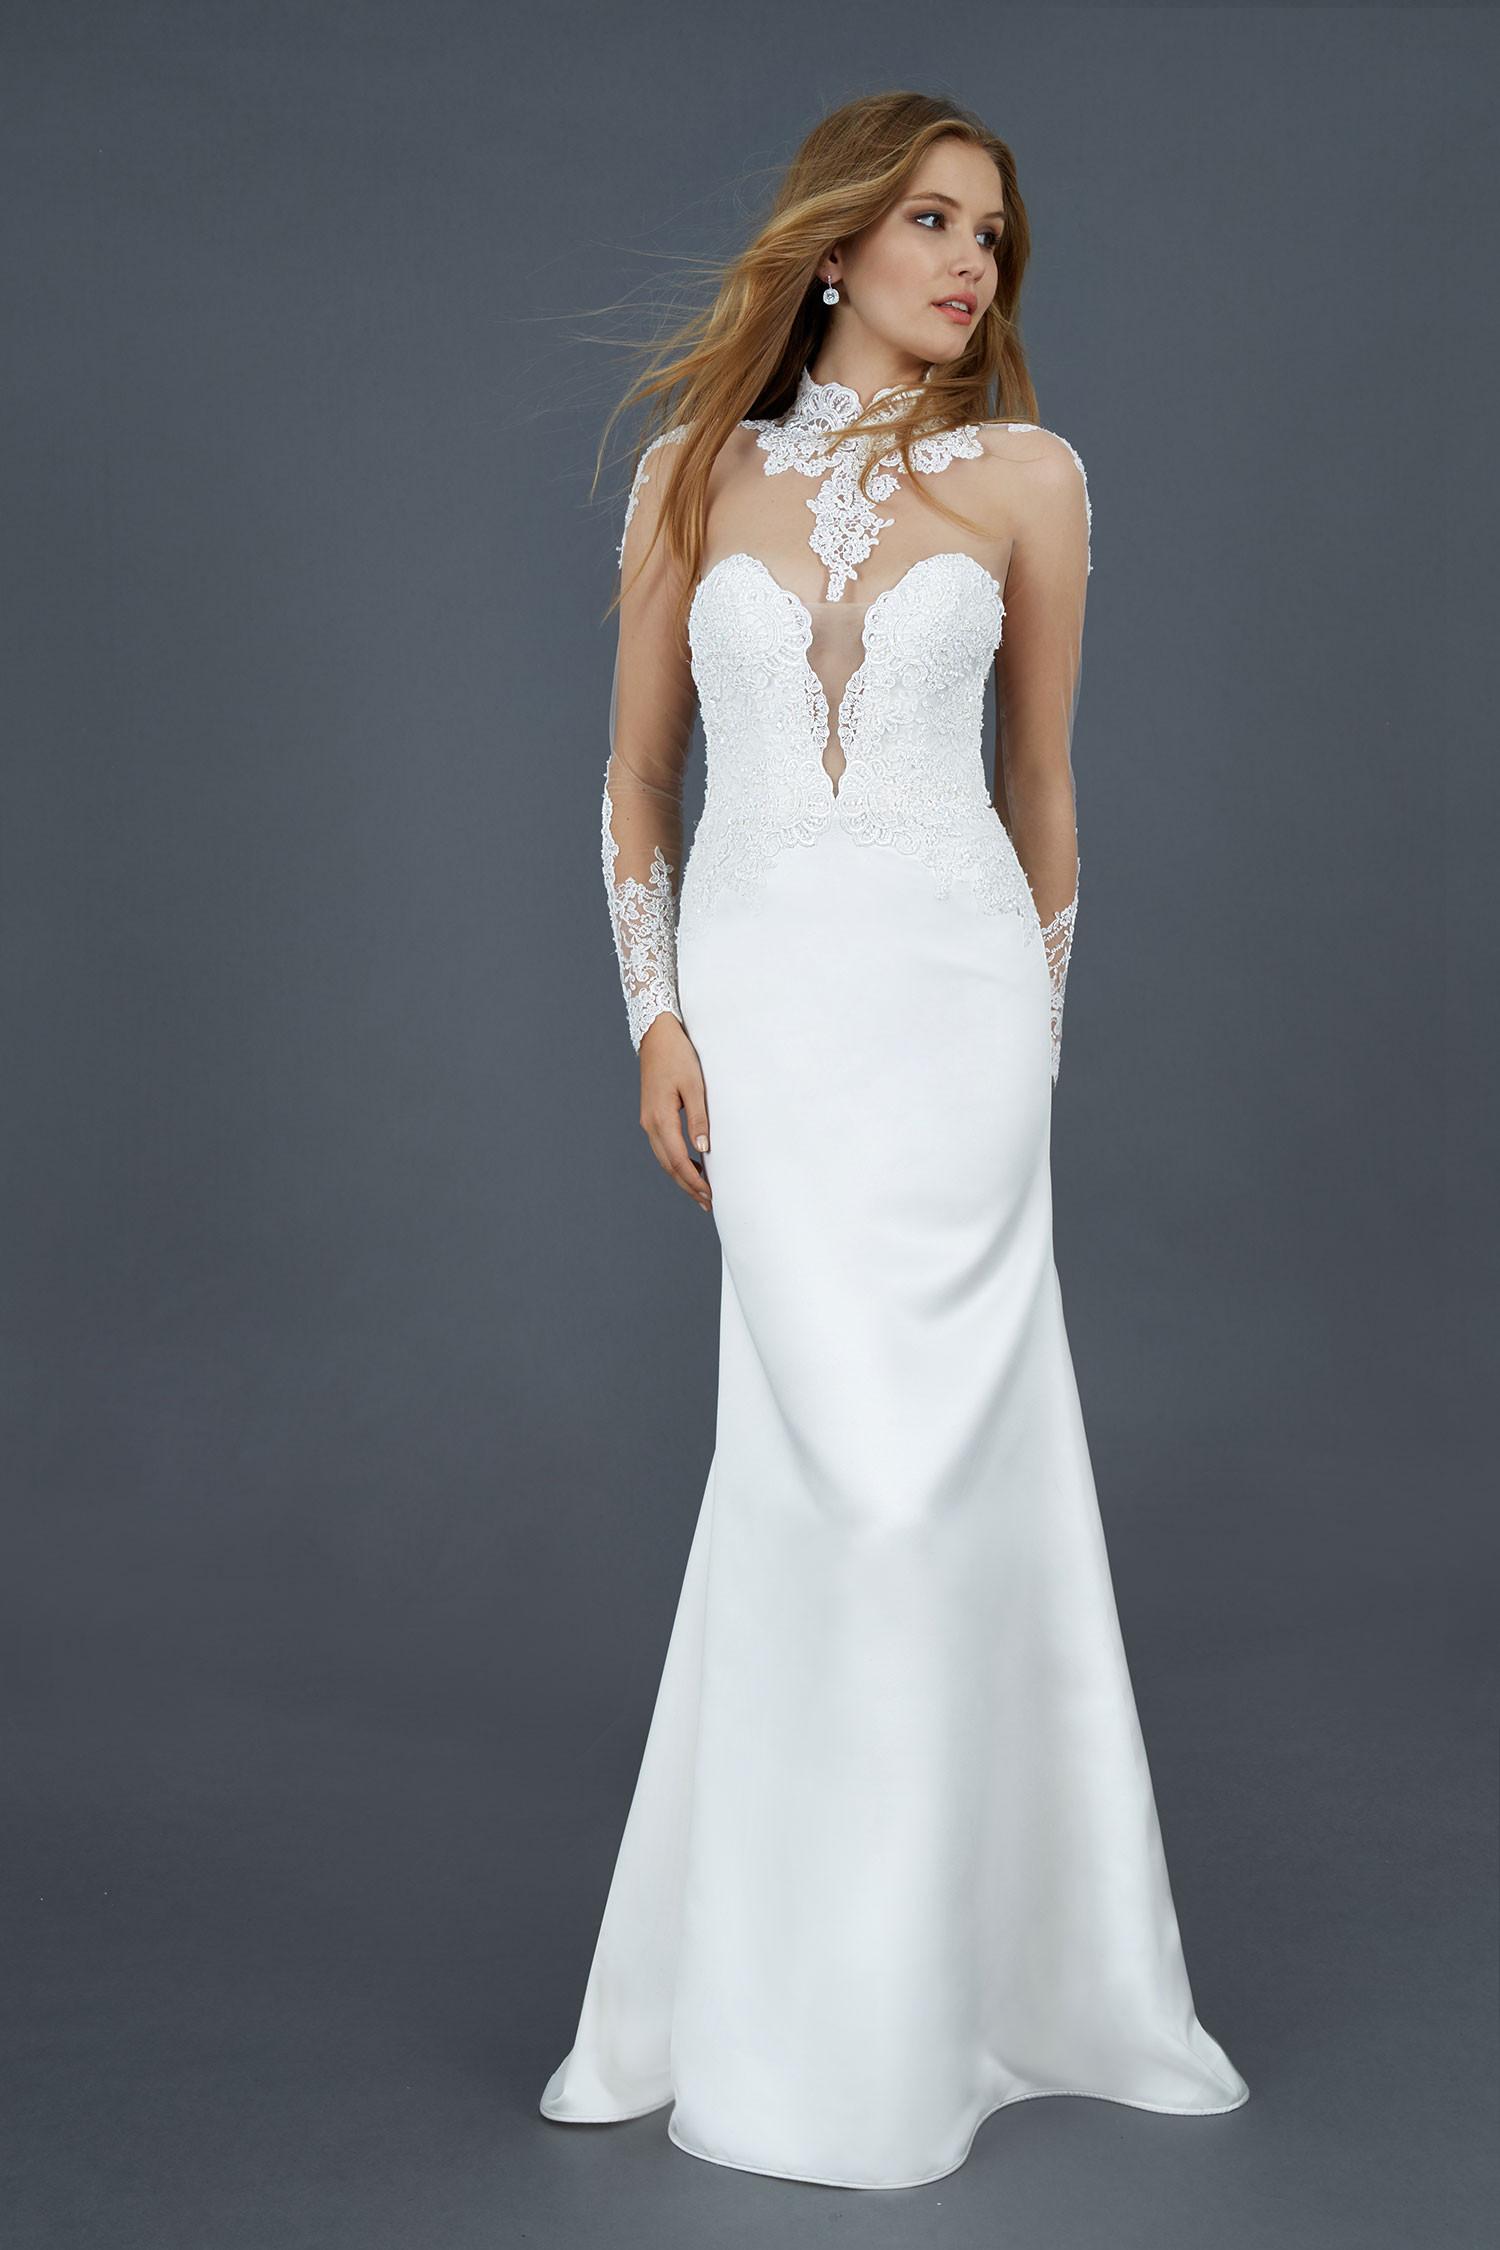 ... abiti da sposa con scollatura e schiena velata in tulle arricchito da